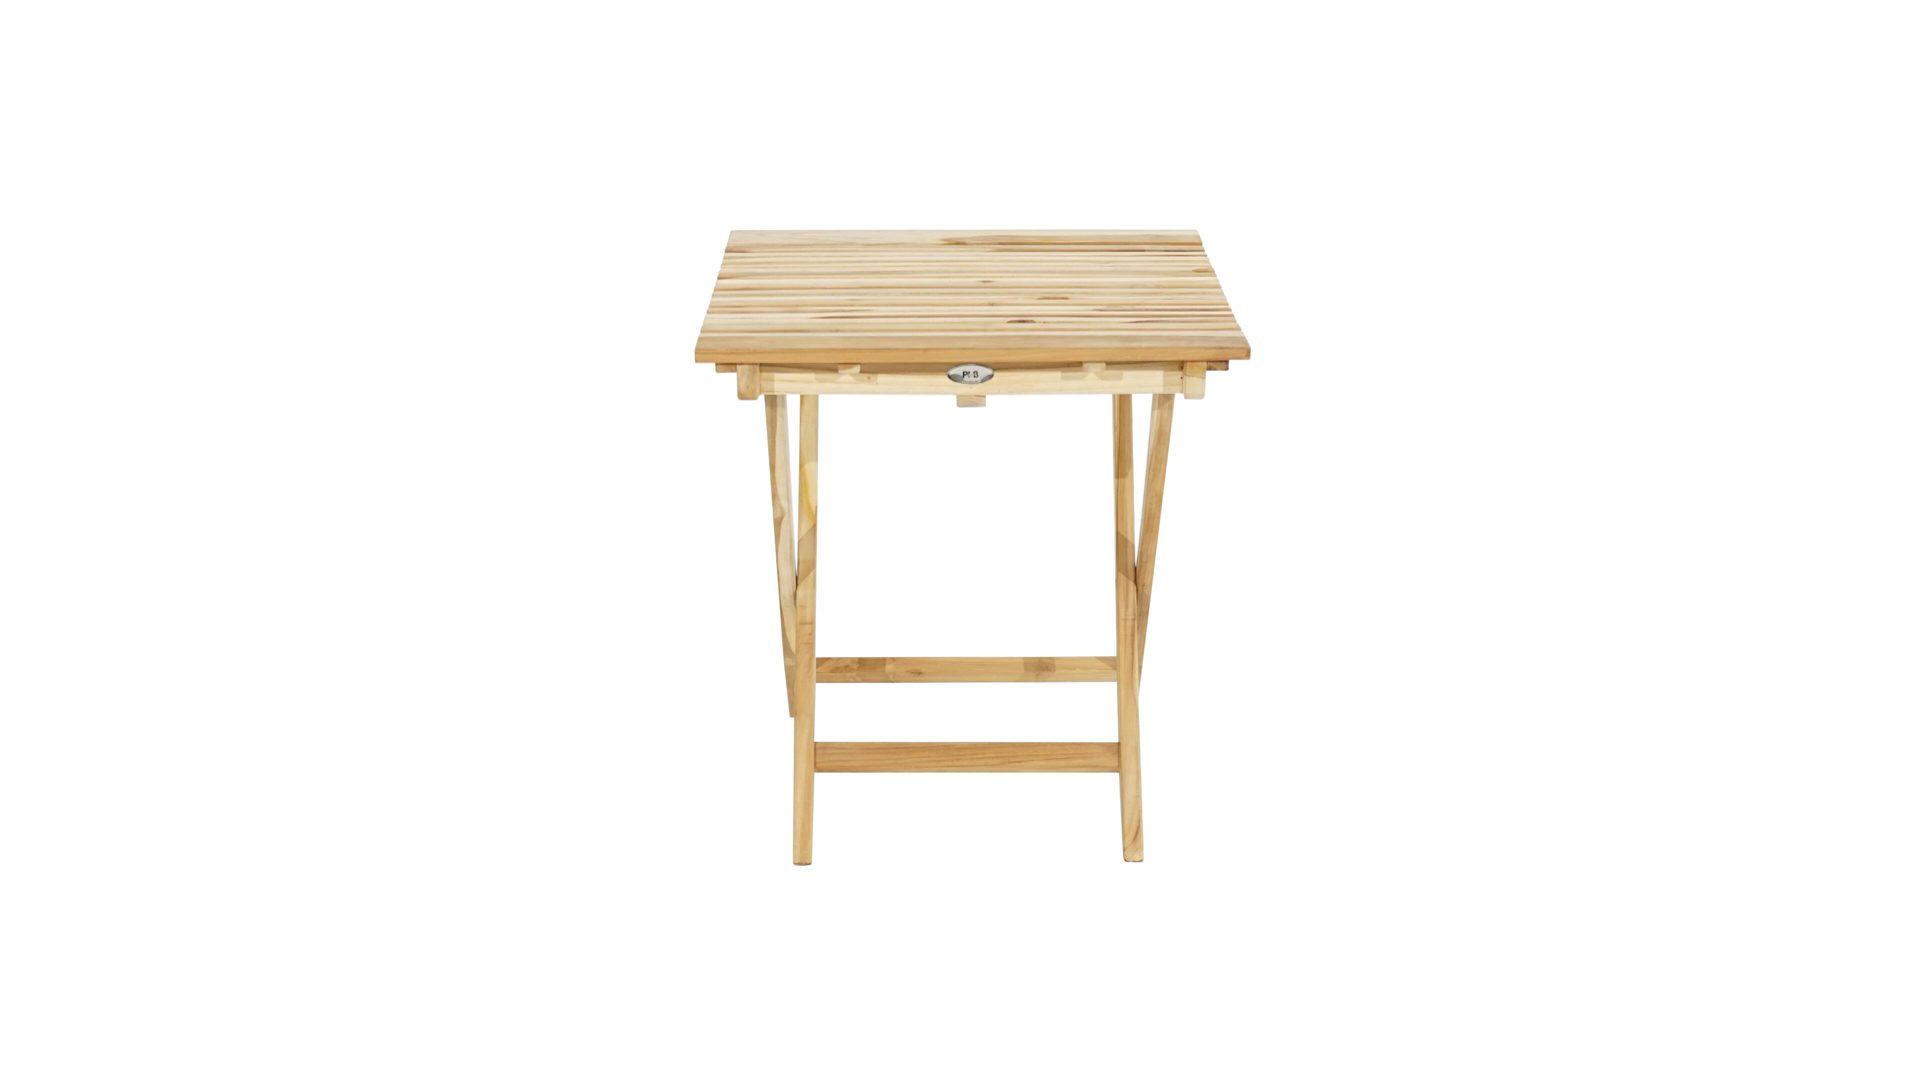 Gartentisch Holz 70x70 Gartentisch Klappbar Amazing Holz